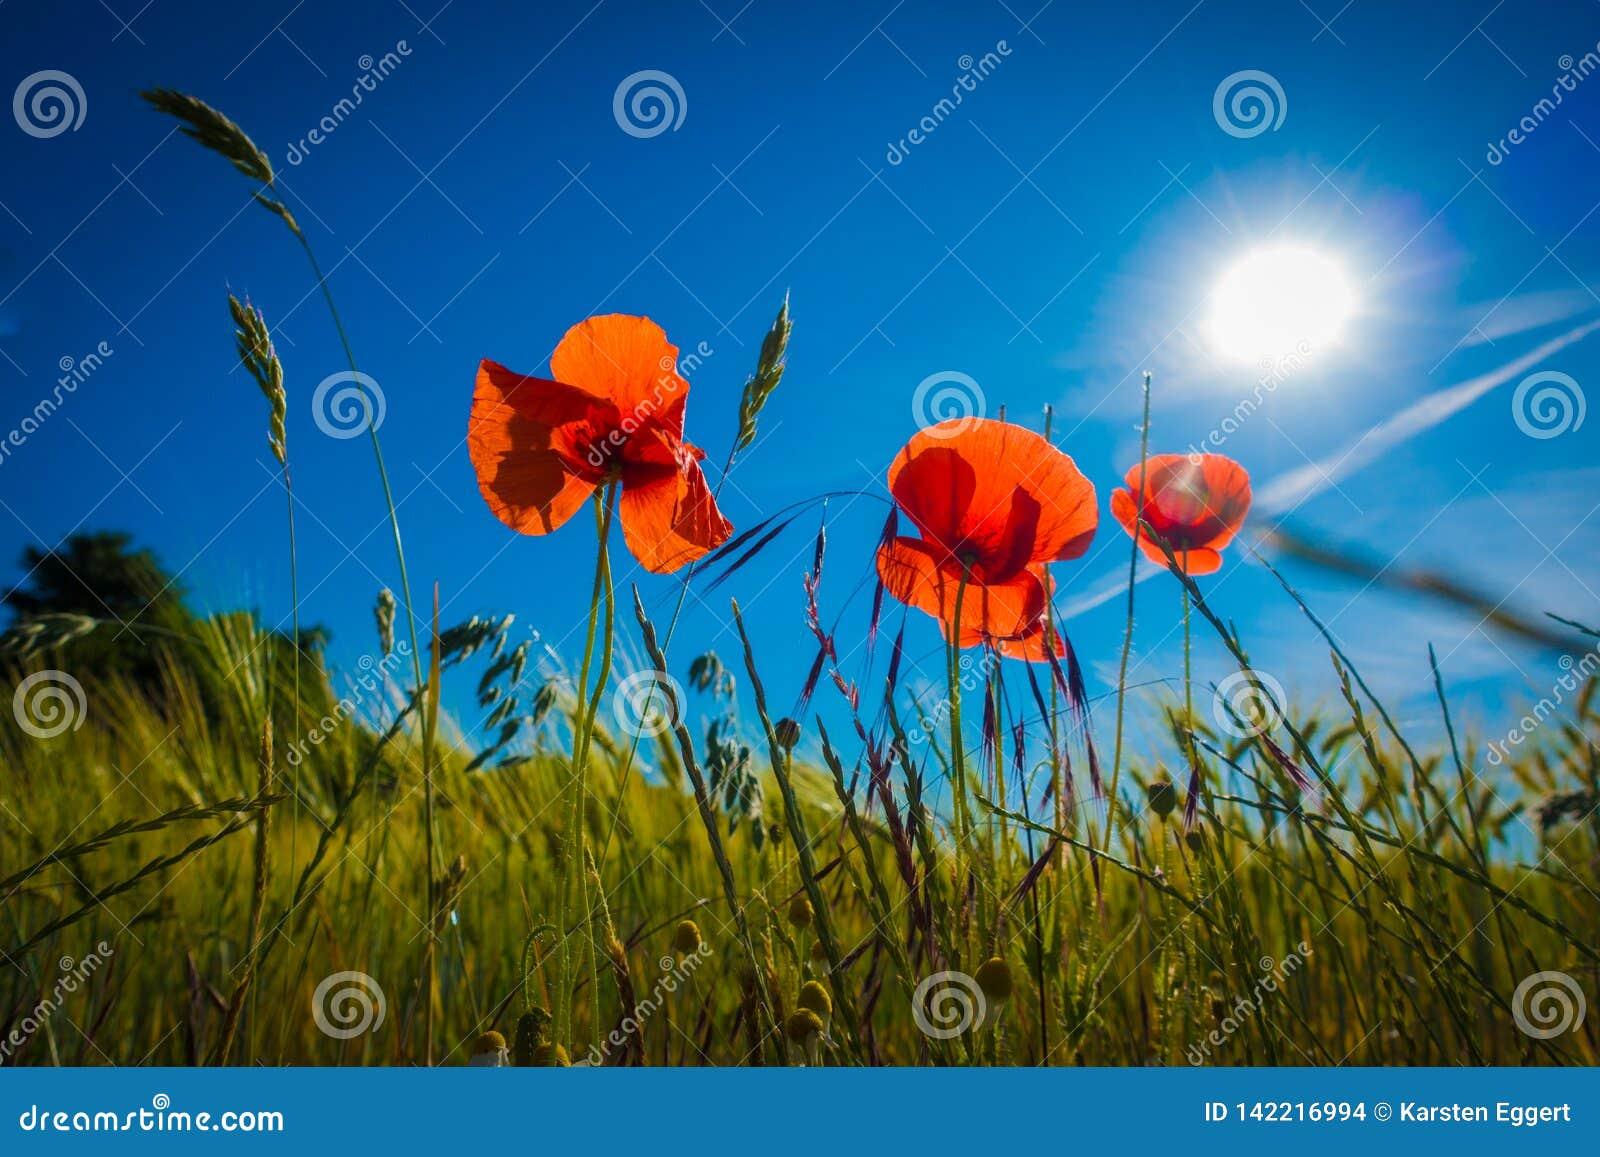 Rote Mohnblumen in einem Getreidefeld im Sonnenschein